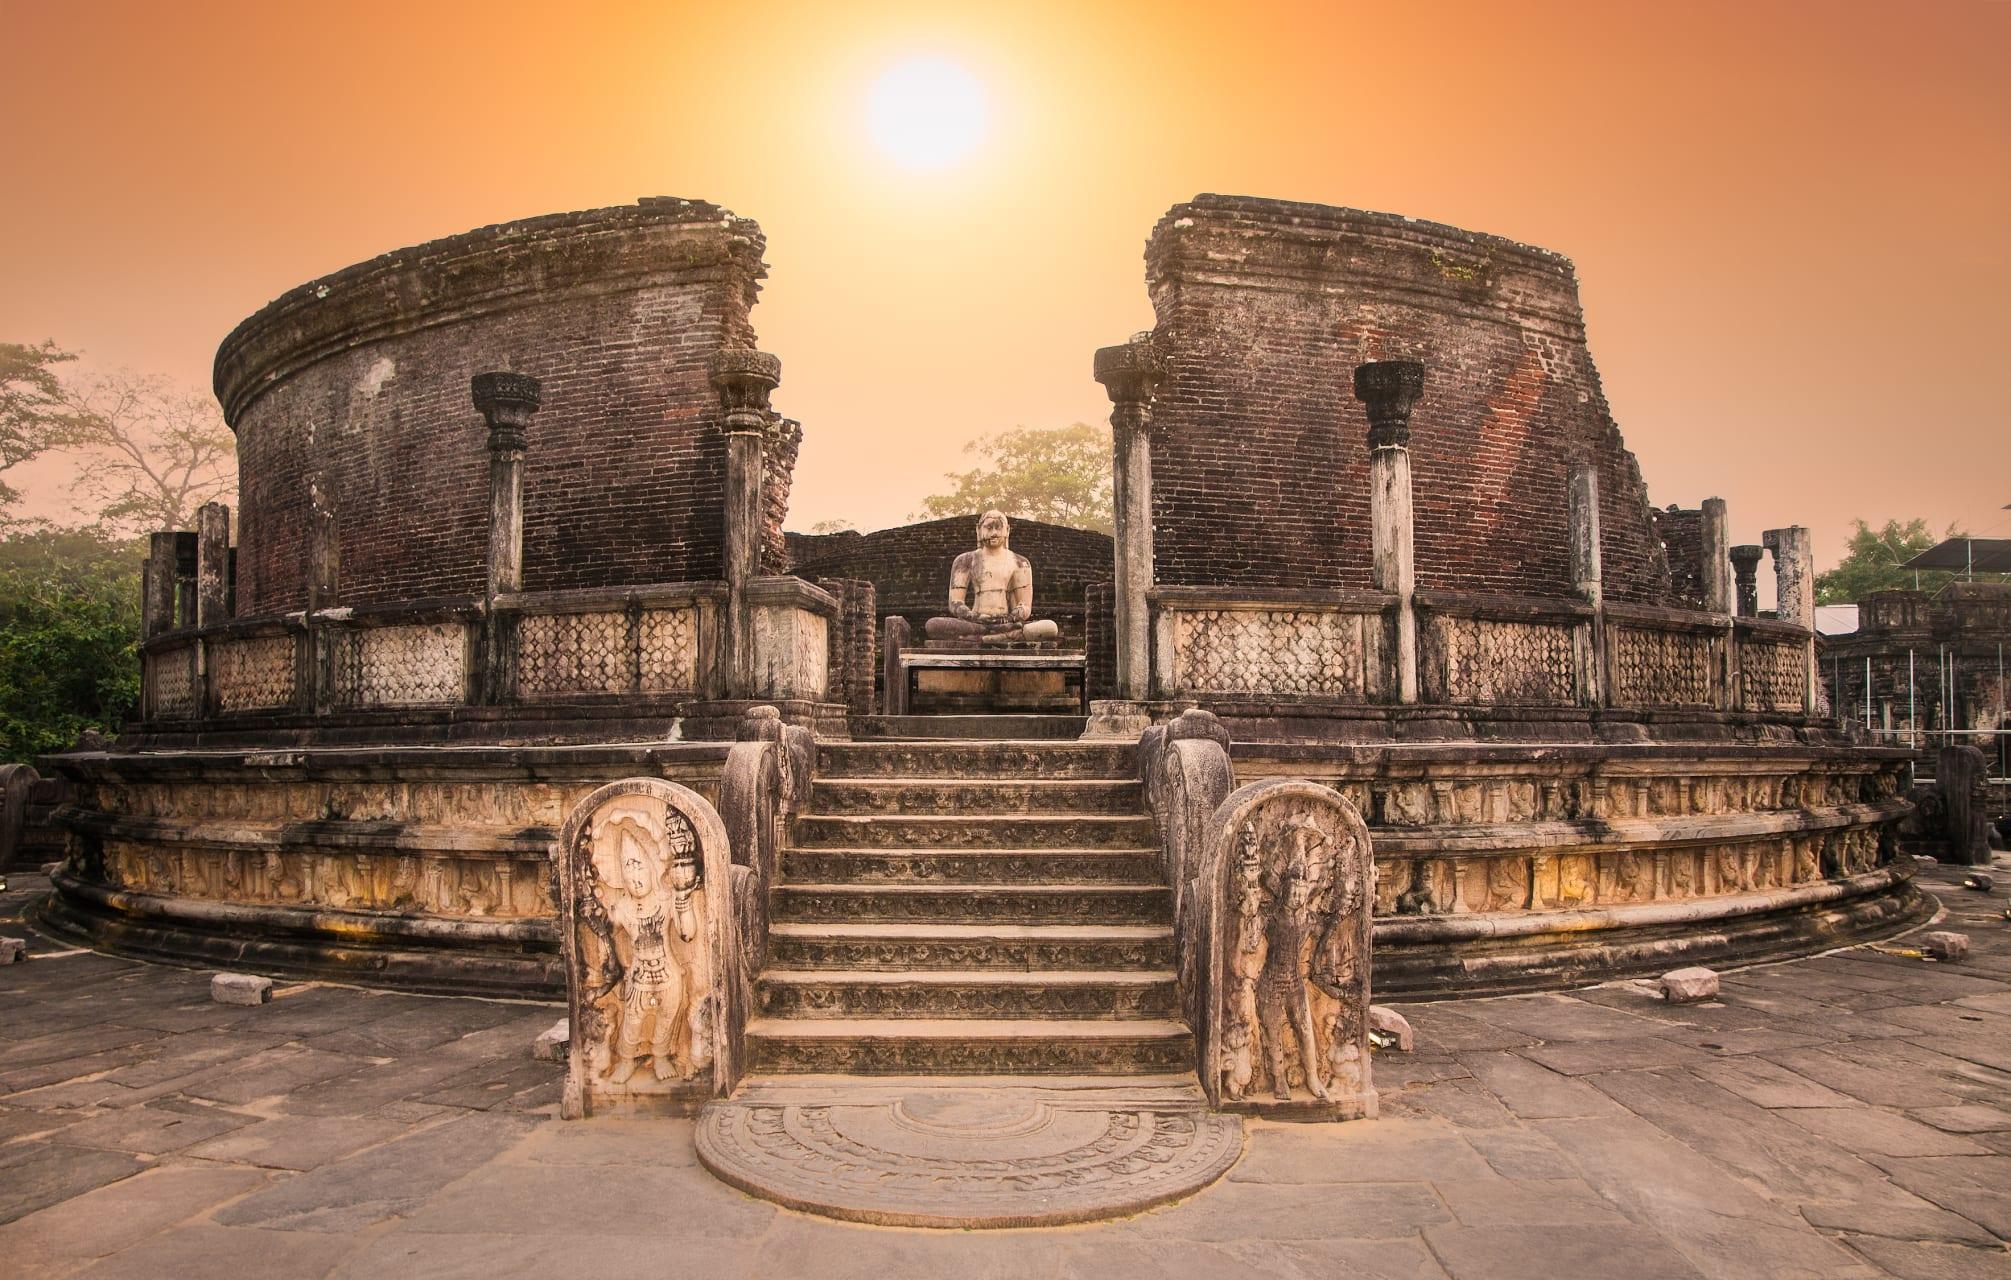 Polonnaruwa cover image